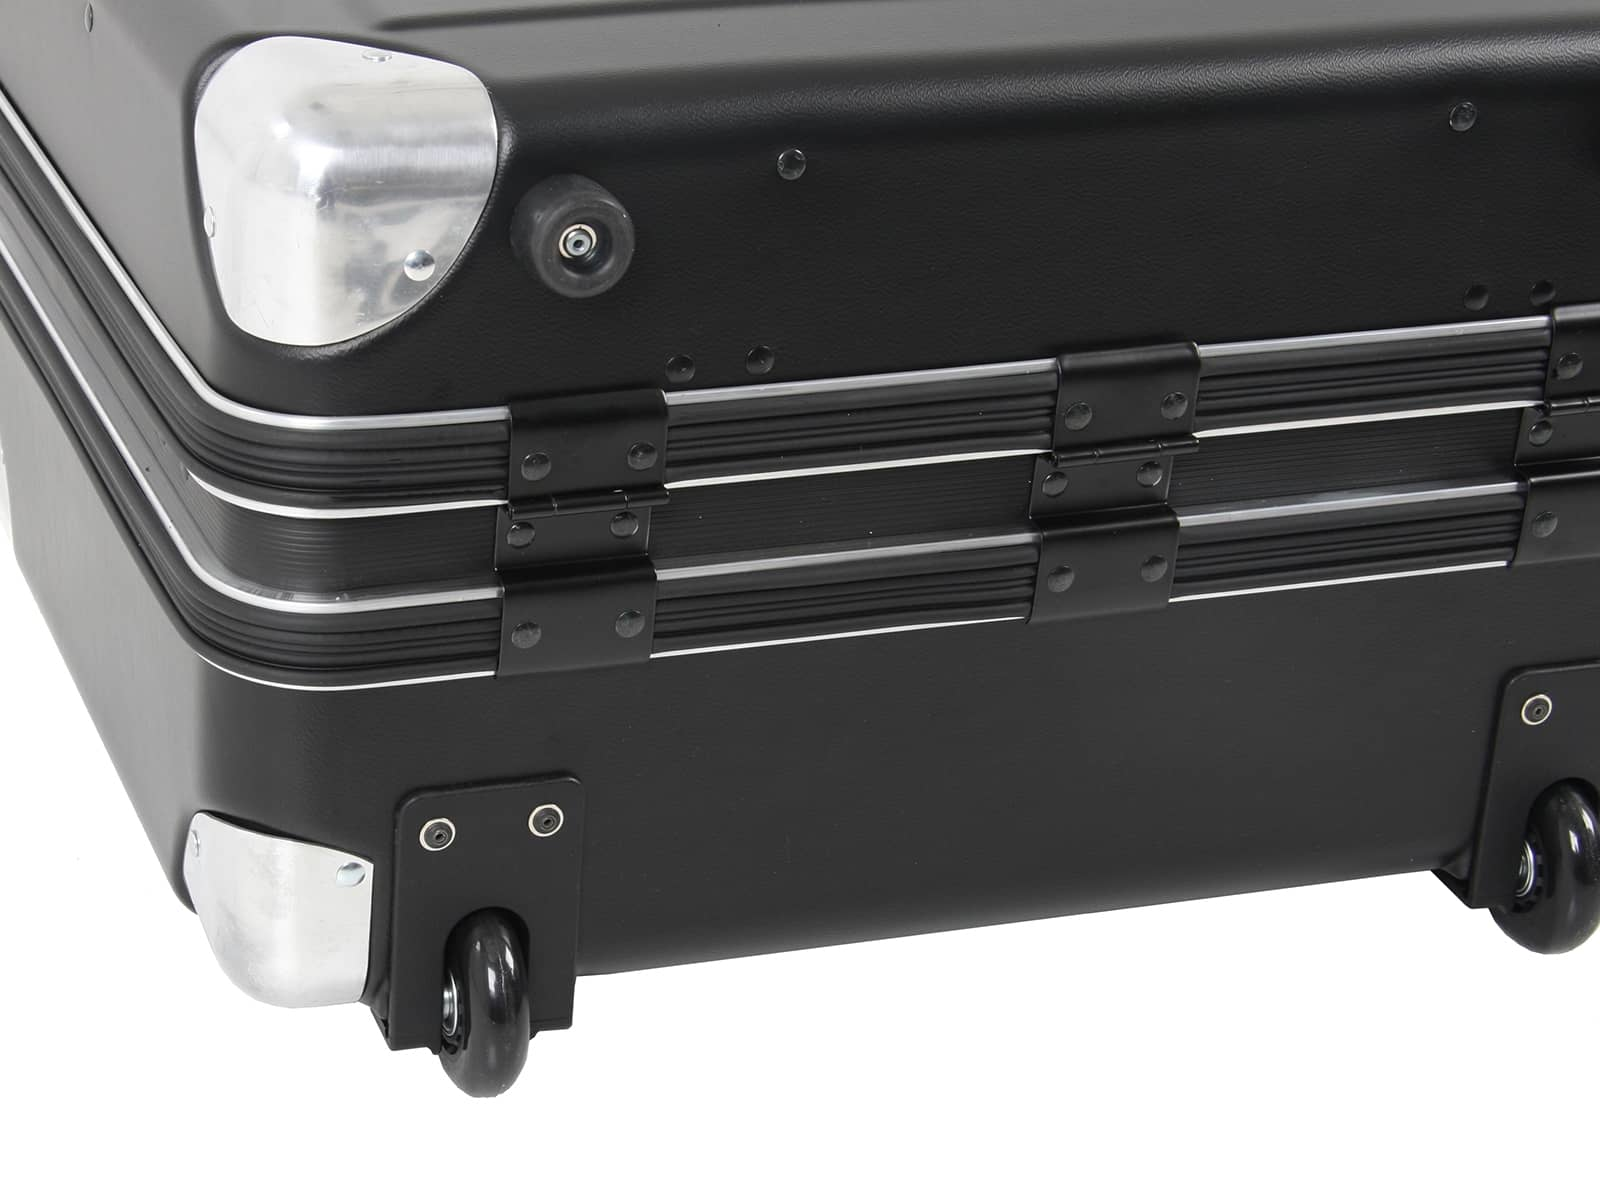 Werkzeugkoffer Robust 5775 C inkl. Trolleyfunktion 37 ltr. HDPE bruchsicher + TSA Schlösser